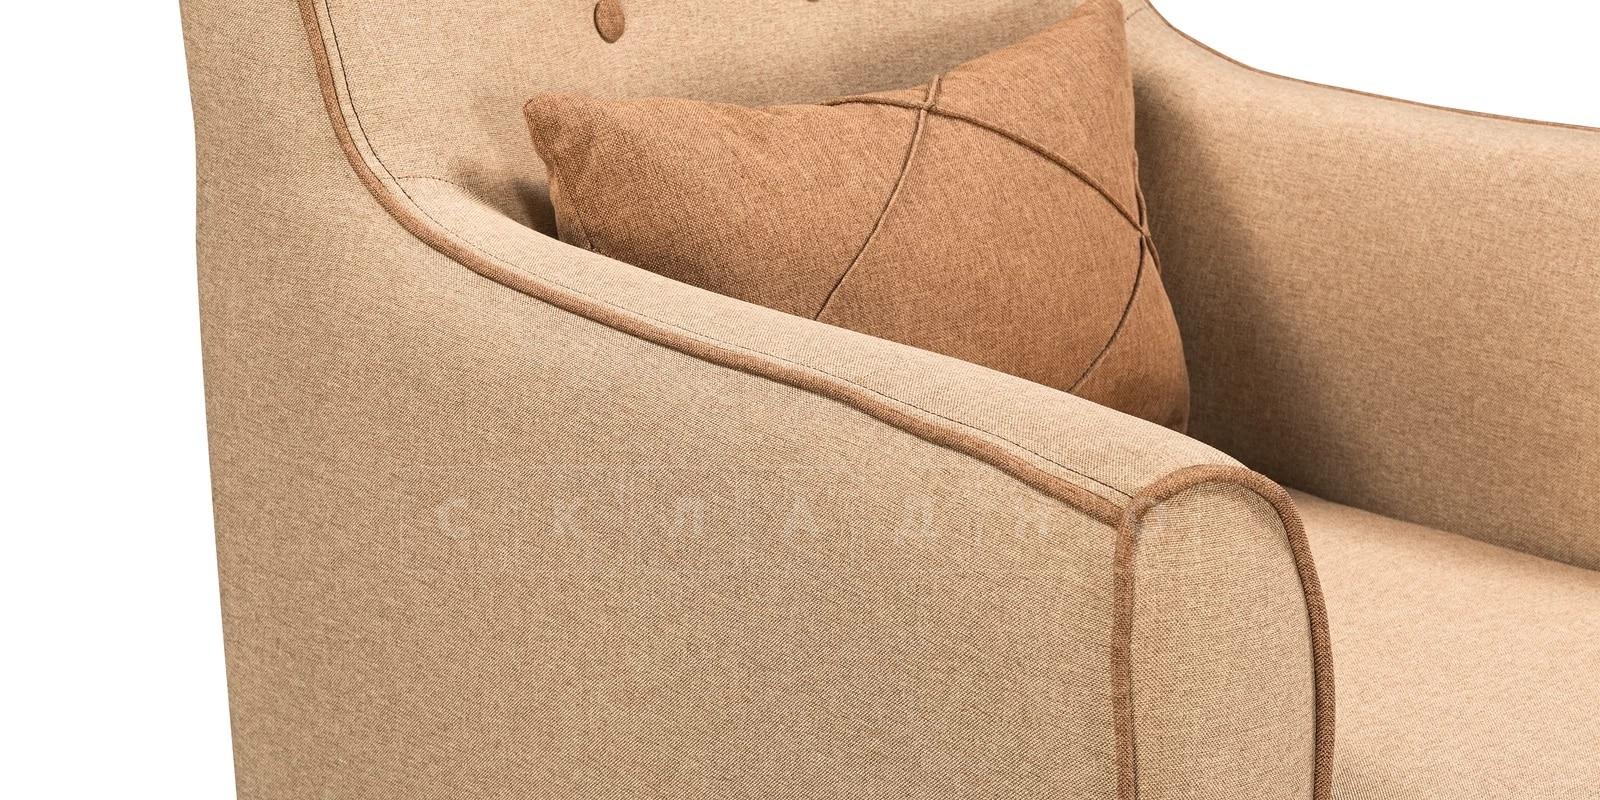 Кресло Флэтфорд рогожка бежевая с коричневым кантом фото 5 | интернет-магазин Складно